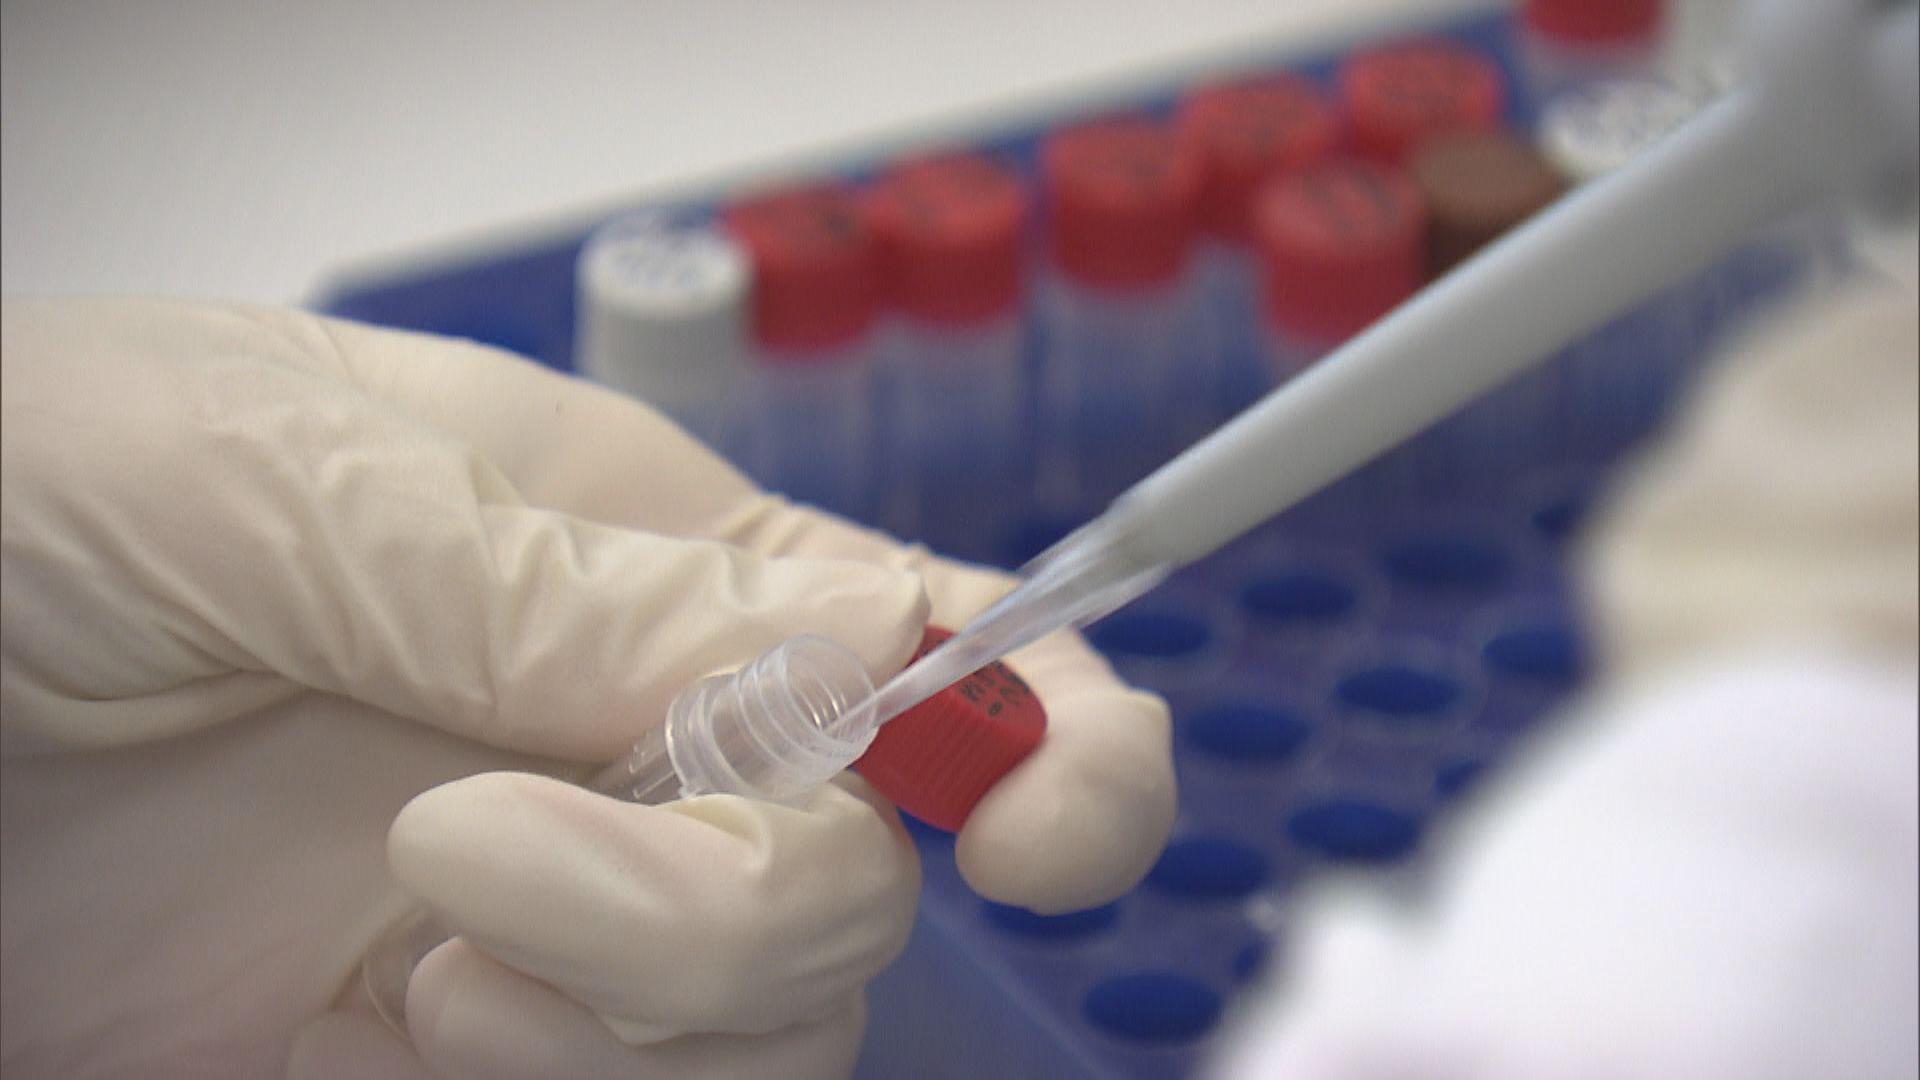 專家:坊間測試驗血為主 非有效檢測新冠病毒方法